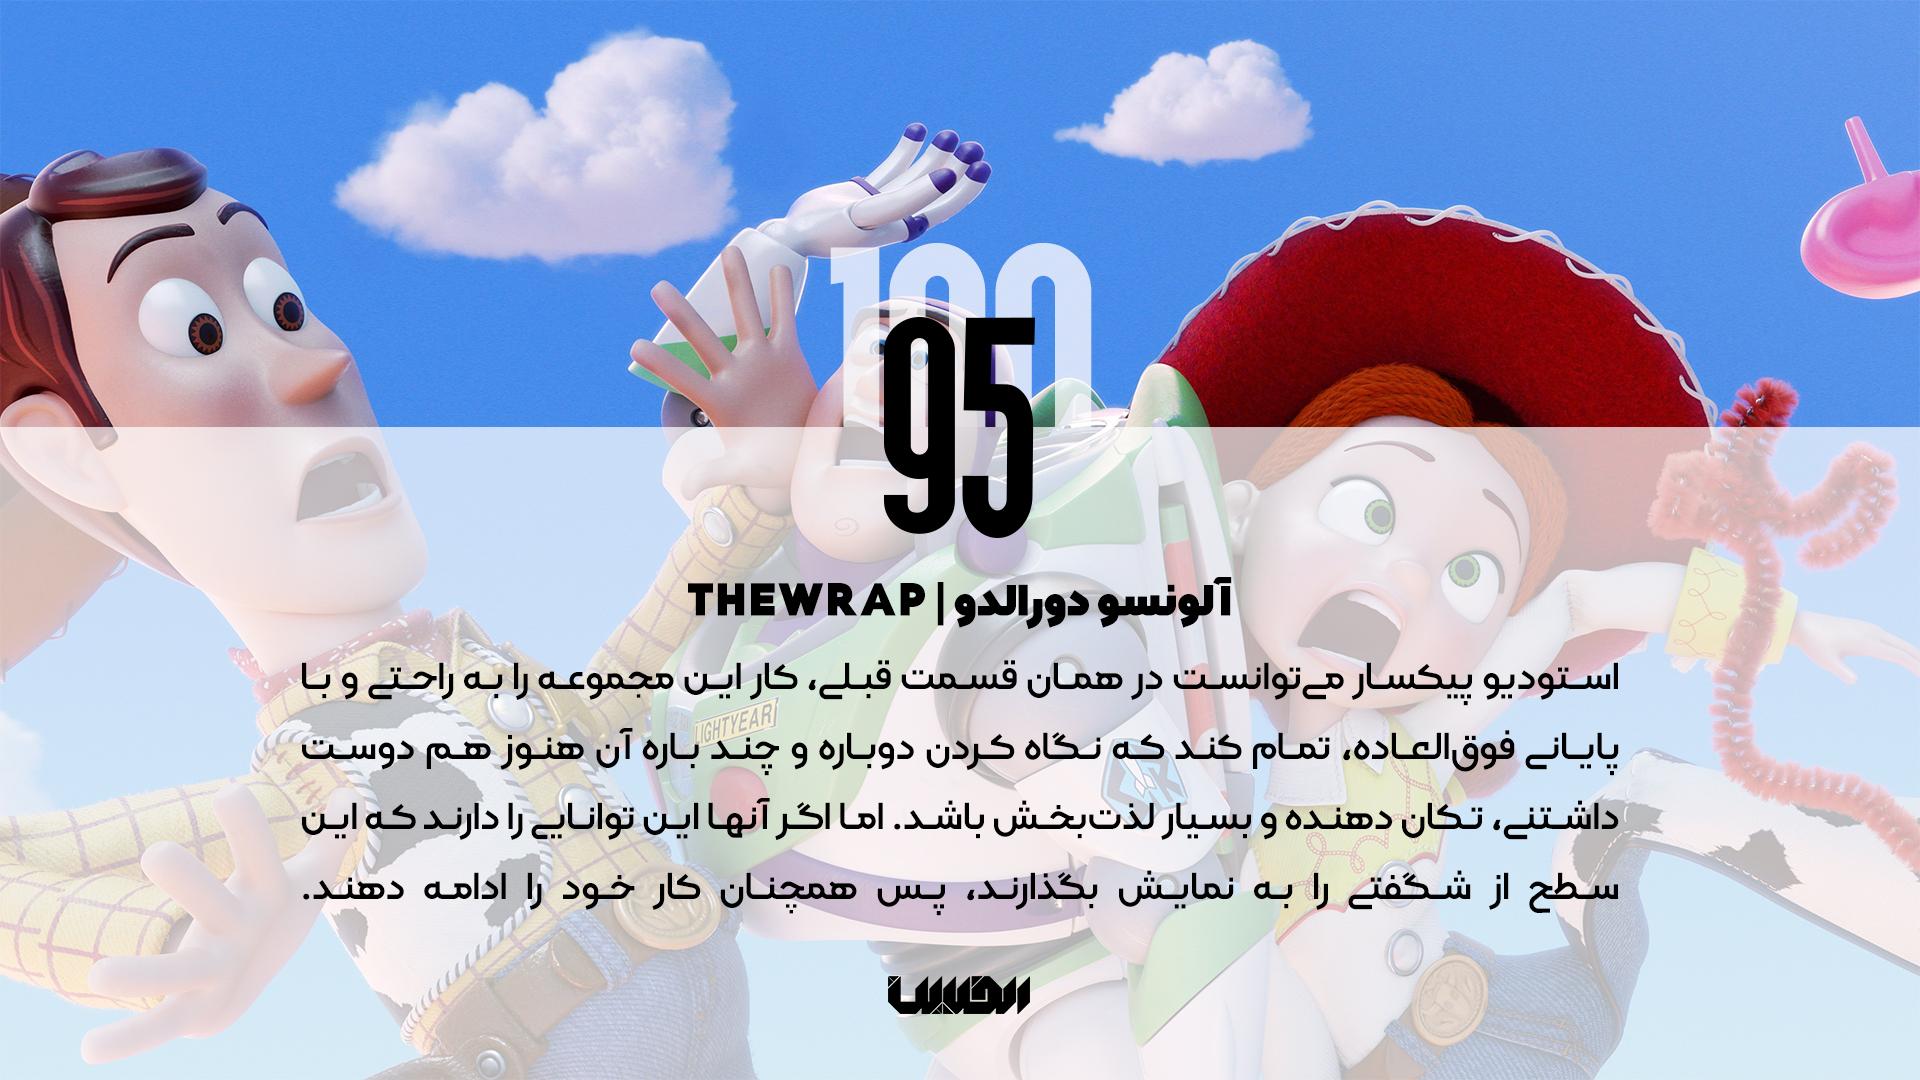 نظر منتقدان درباره انیمیشن داستان اسباب بازیهای 4 - آلونسو دورالدو TheWrap